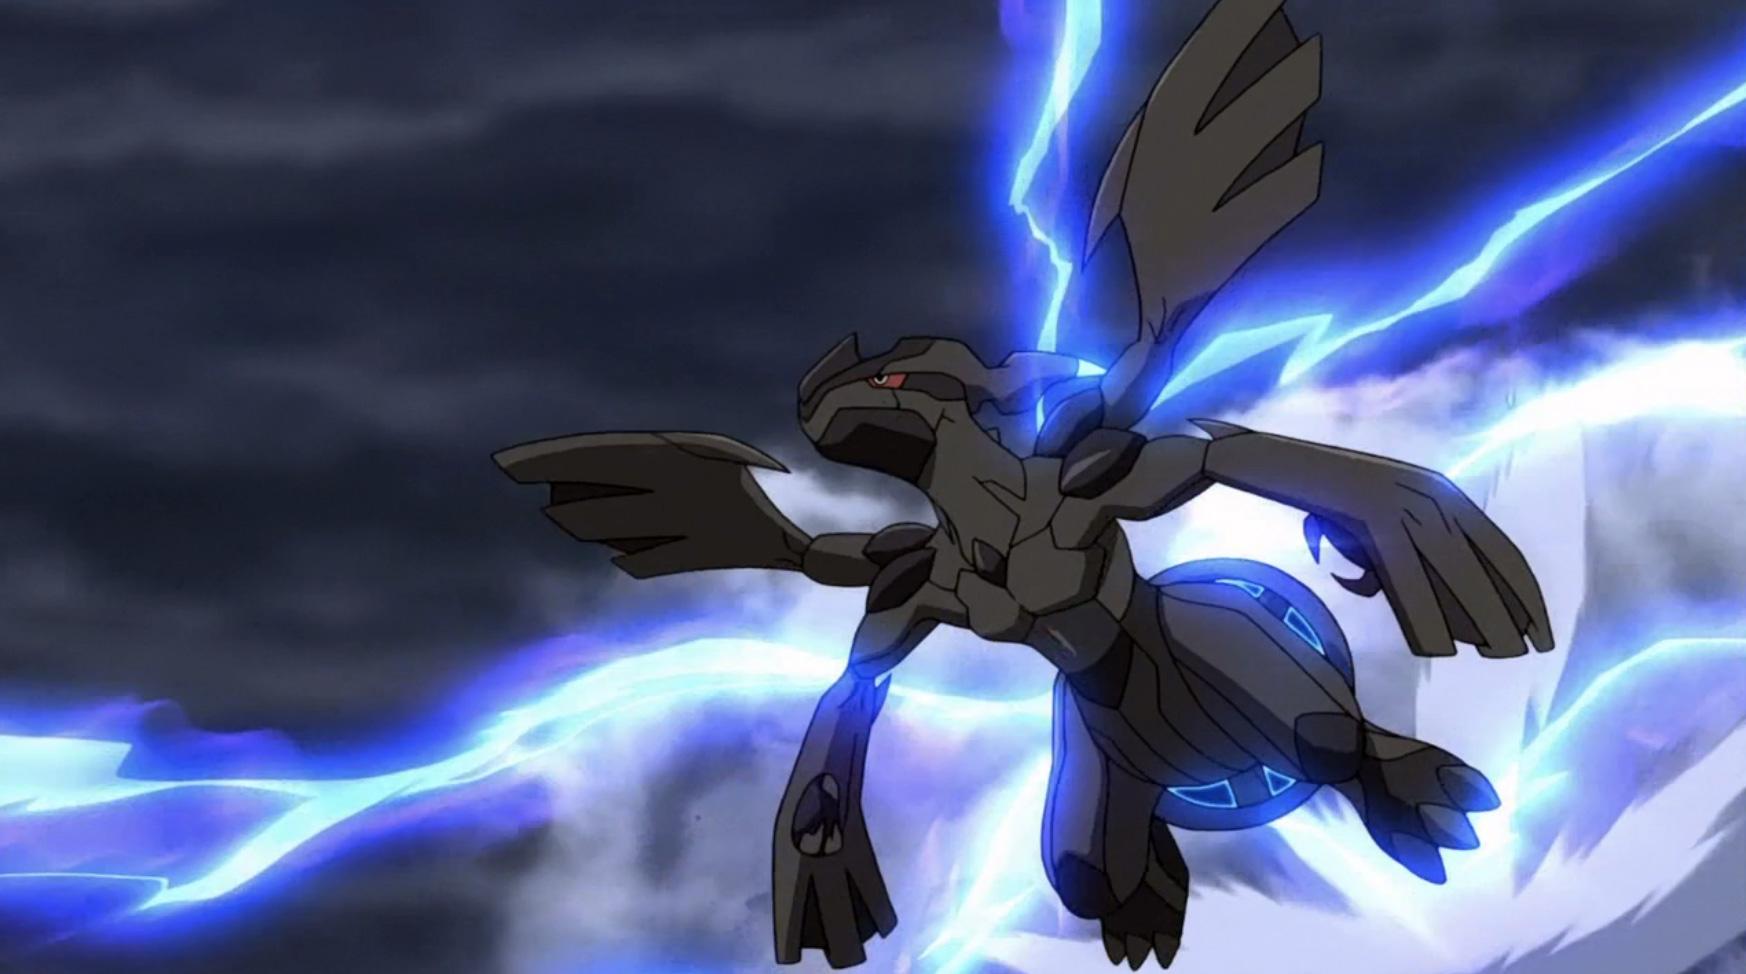 Screenshot of Legendary Zekrom in Pokemon anime.